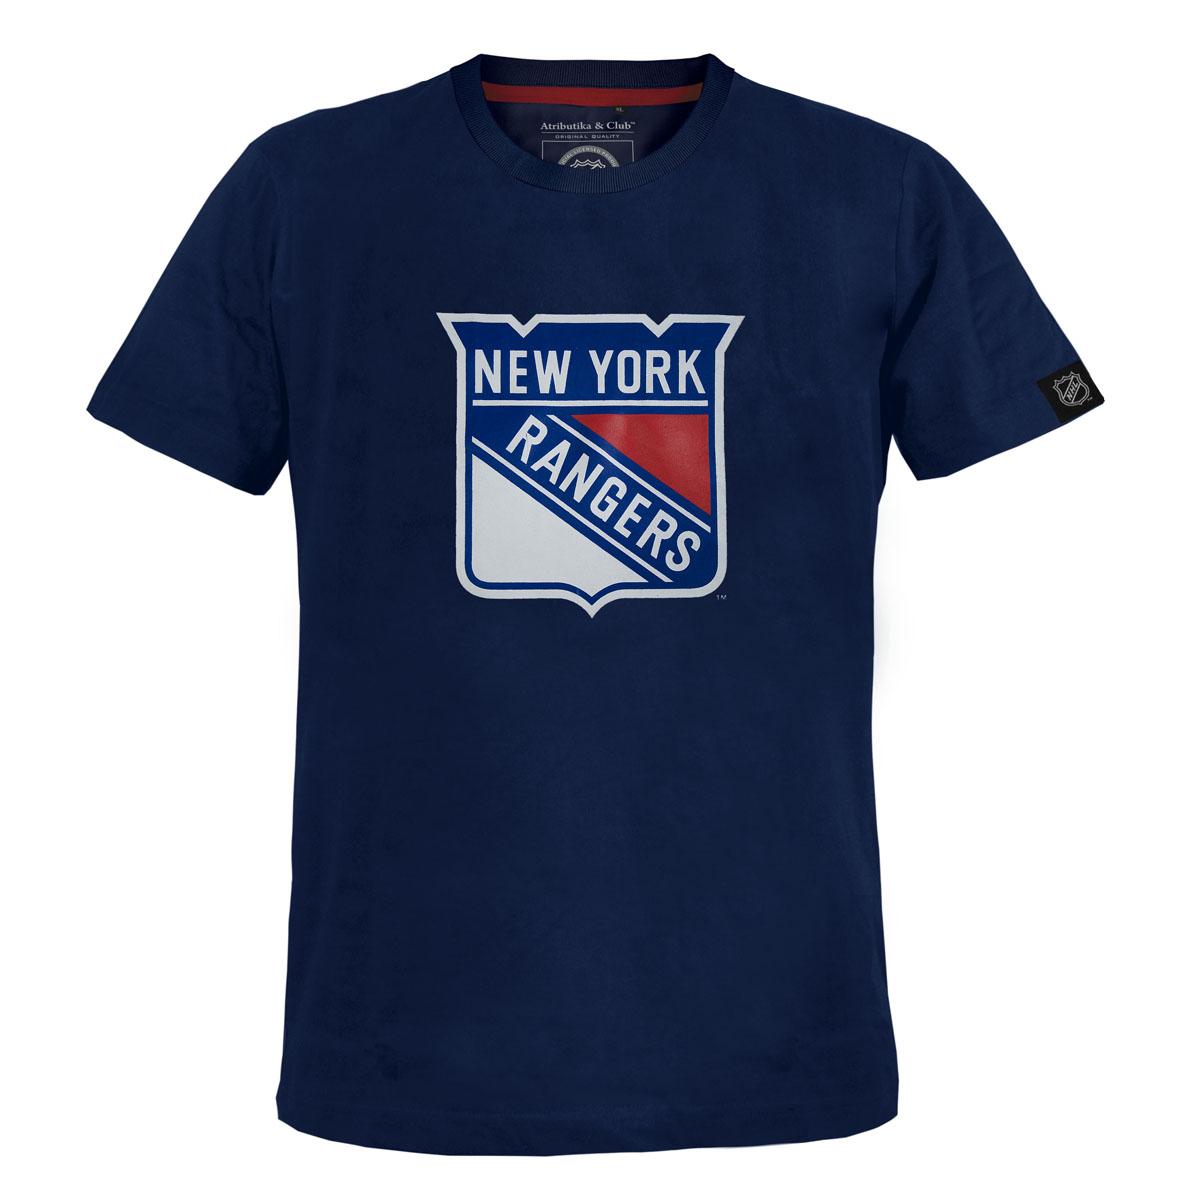 Футболка мужская NHL New York Rangers, цвет: темно-синий. 29290. Размер M (48)29290Мужская футболка NHL New York Rangers, выполненная из натурального хлопка, порадует любого поклонника знаменитого хоккейного клуба. Материал очень мягкий и приятный на ощупь, не сковывает движения ипозволяет коже дышать. Футболка с короткими рукавами имеет круглый вырез горловины, дополненный трикотажной резинкой.Изделие оформлено термоаппликацией в виде эмблемы хоккейного клуба New York Rangers, а также украшенонебольшой текстильной нашивкой.Такая модель отлично подойдет для повседневной носки и подарит вам комфорт в течение всего дня!